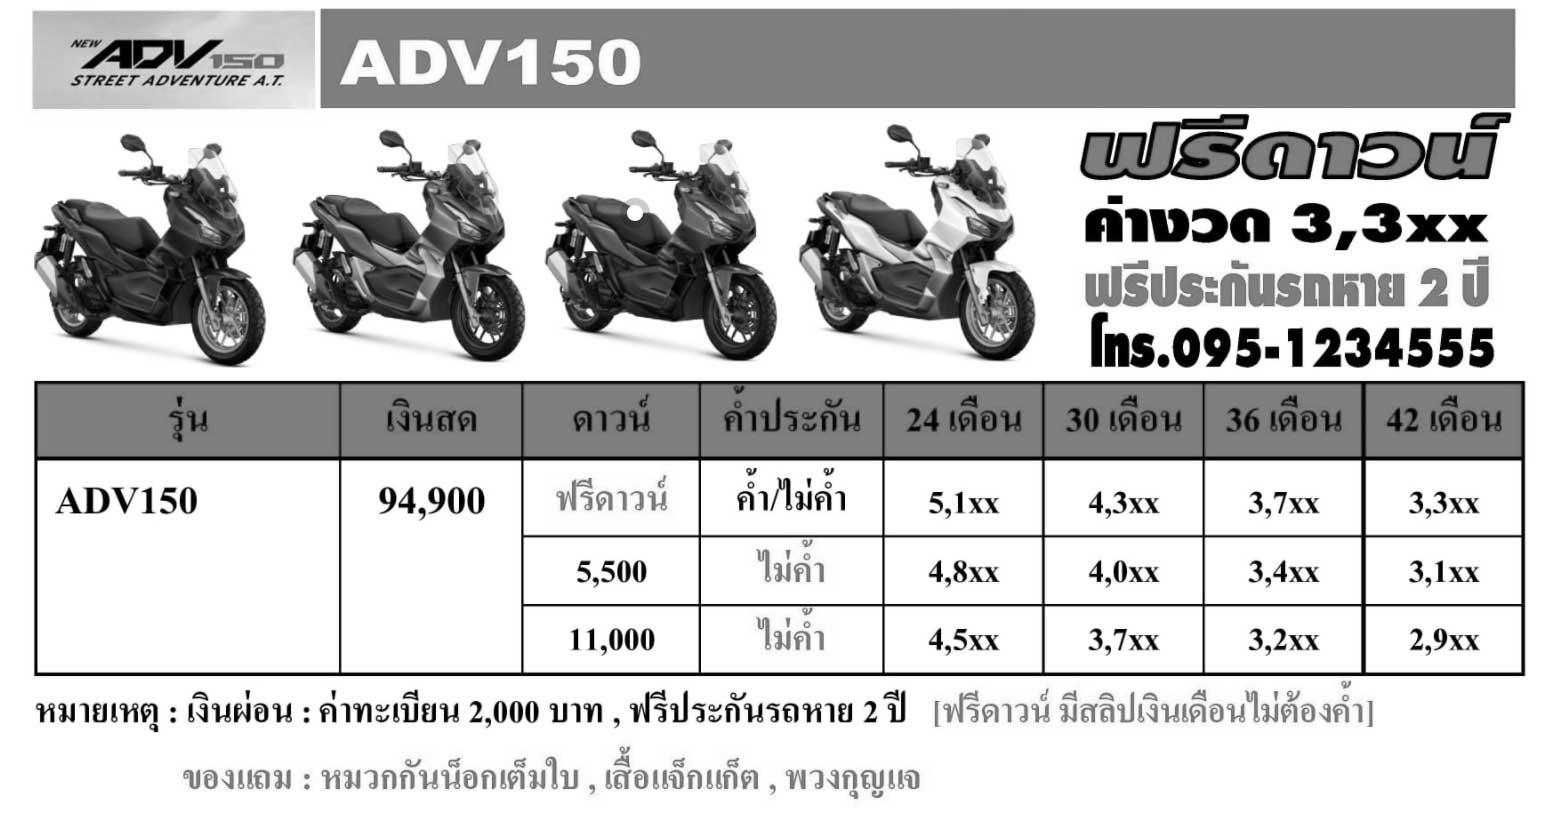 ตารางผ่อนดาวน์ HONDA ADV150 ราคาพิเศษ HONDA ADV150 ราคาพิเศษ 94,900 บาท ฟรีดาวน์ ค่างวด 3,3xx ฟรีประกันรถหาย 2 ปี